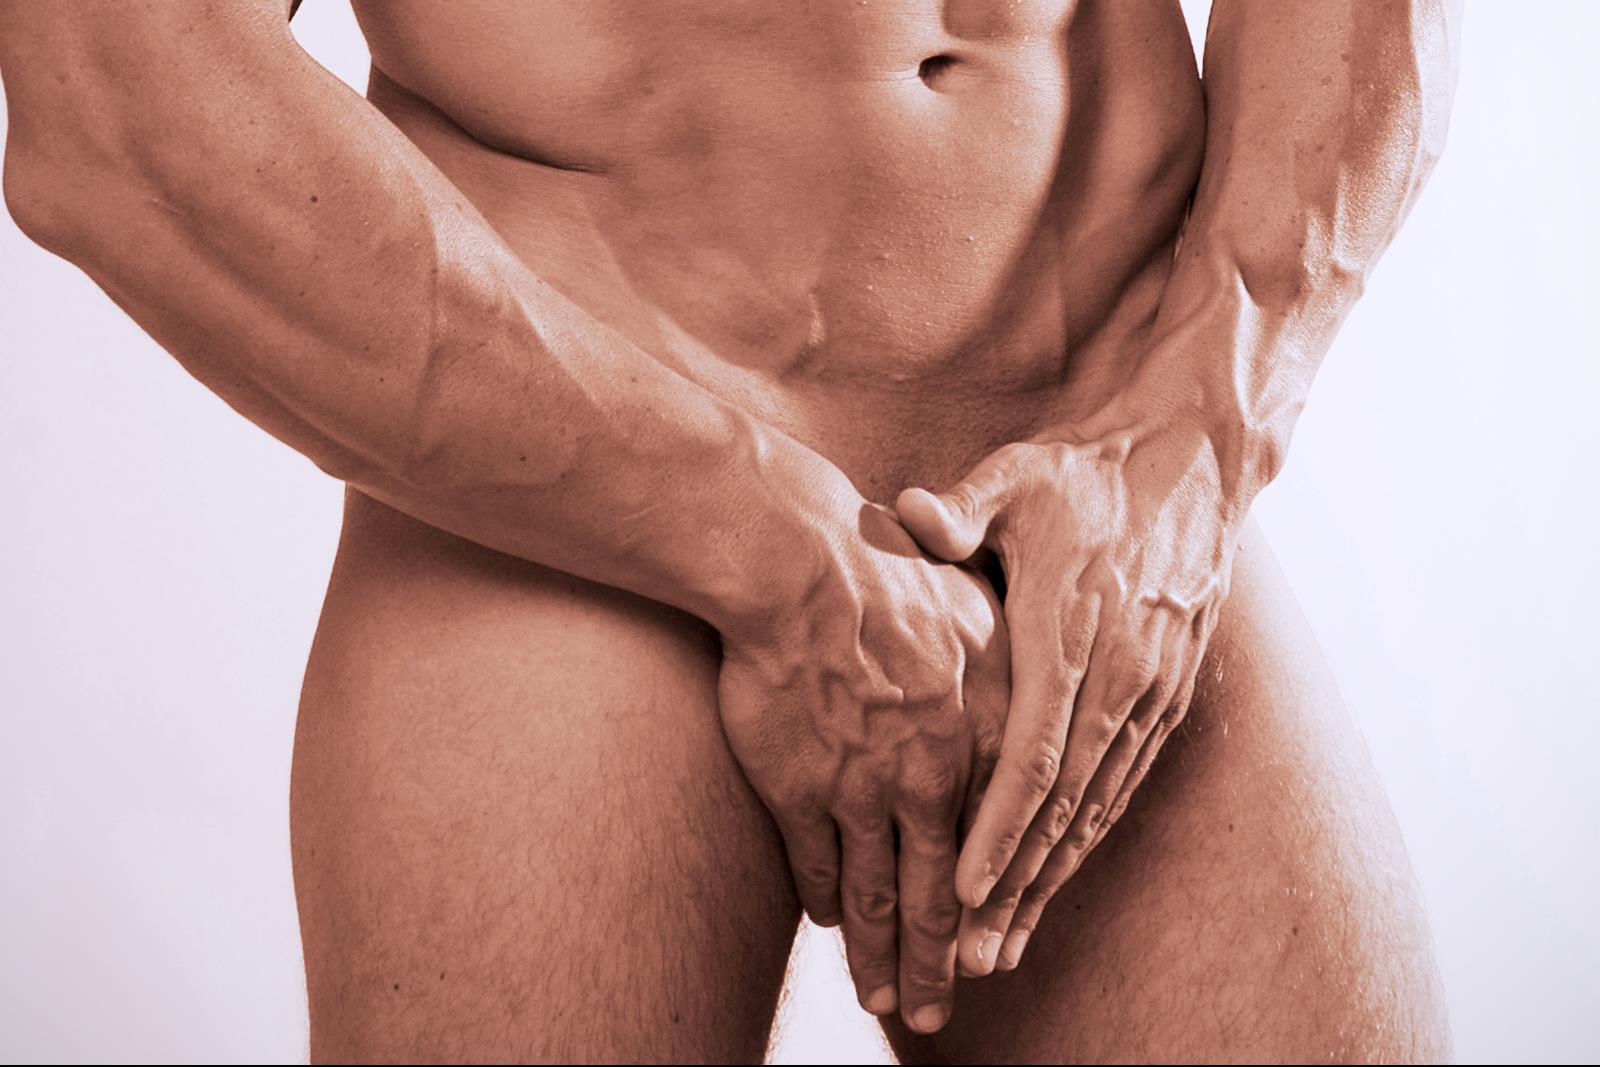 módja annak hogyan lehet növelni a pénisz